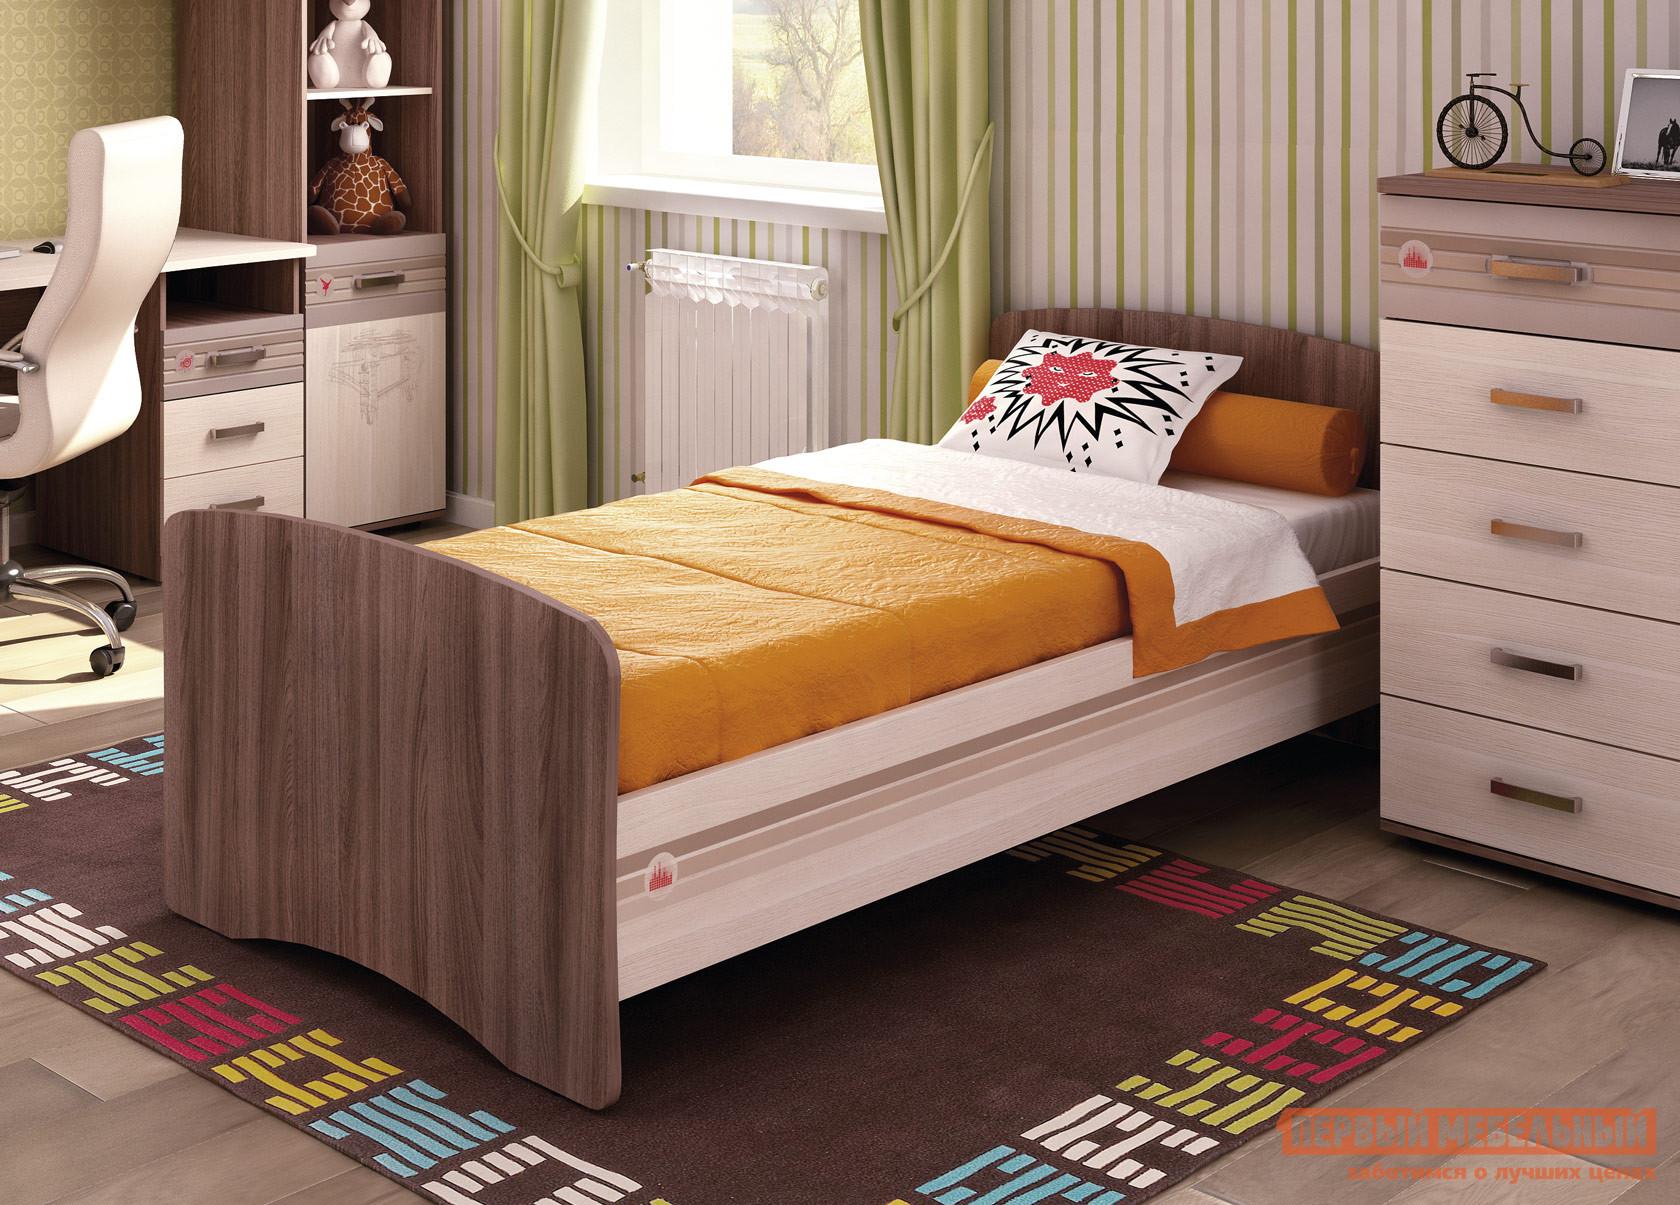 Детская кровать Витра Британия-52.10 кровать витра 54 11